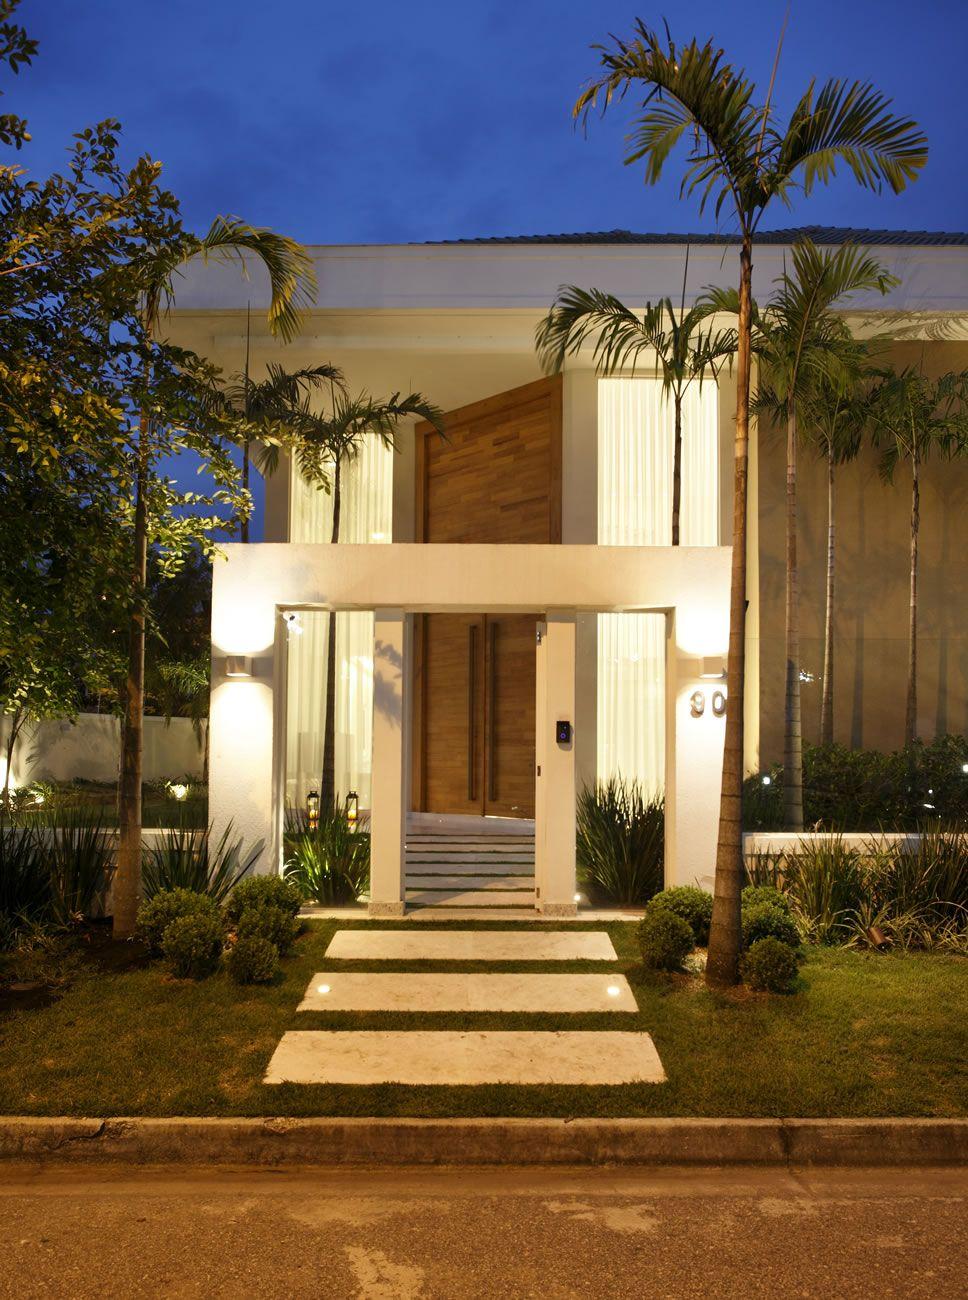 Decor salteado blog de decora o e arquitetura casa - Entradas de casas ...